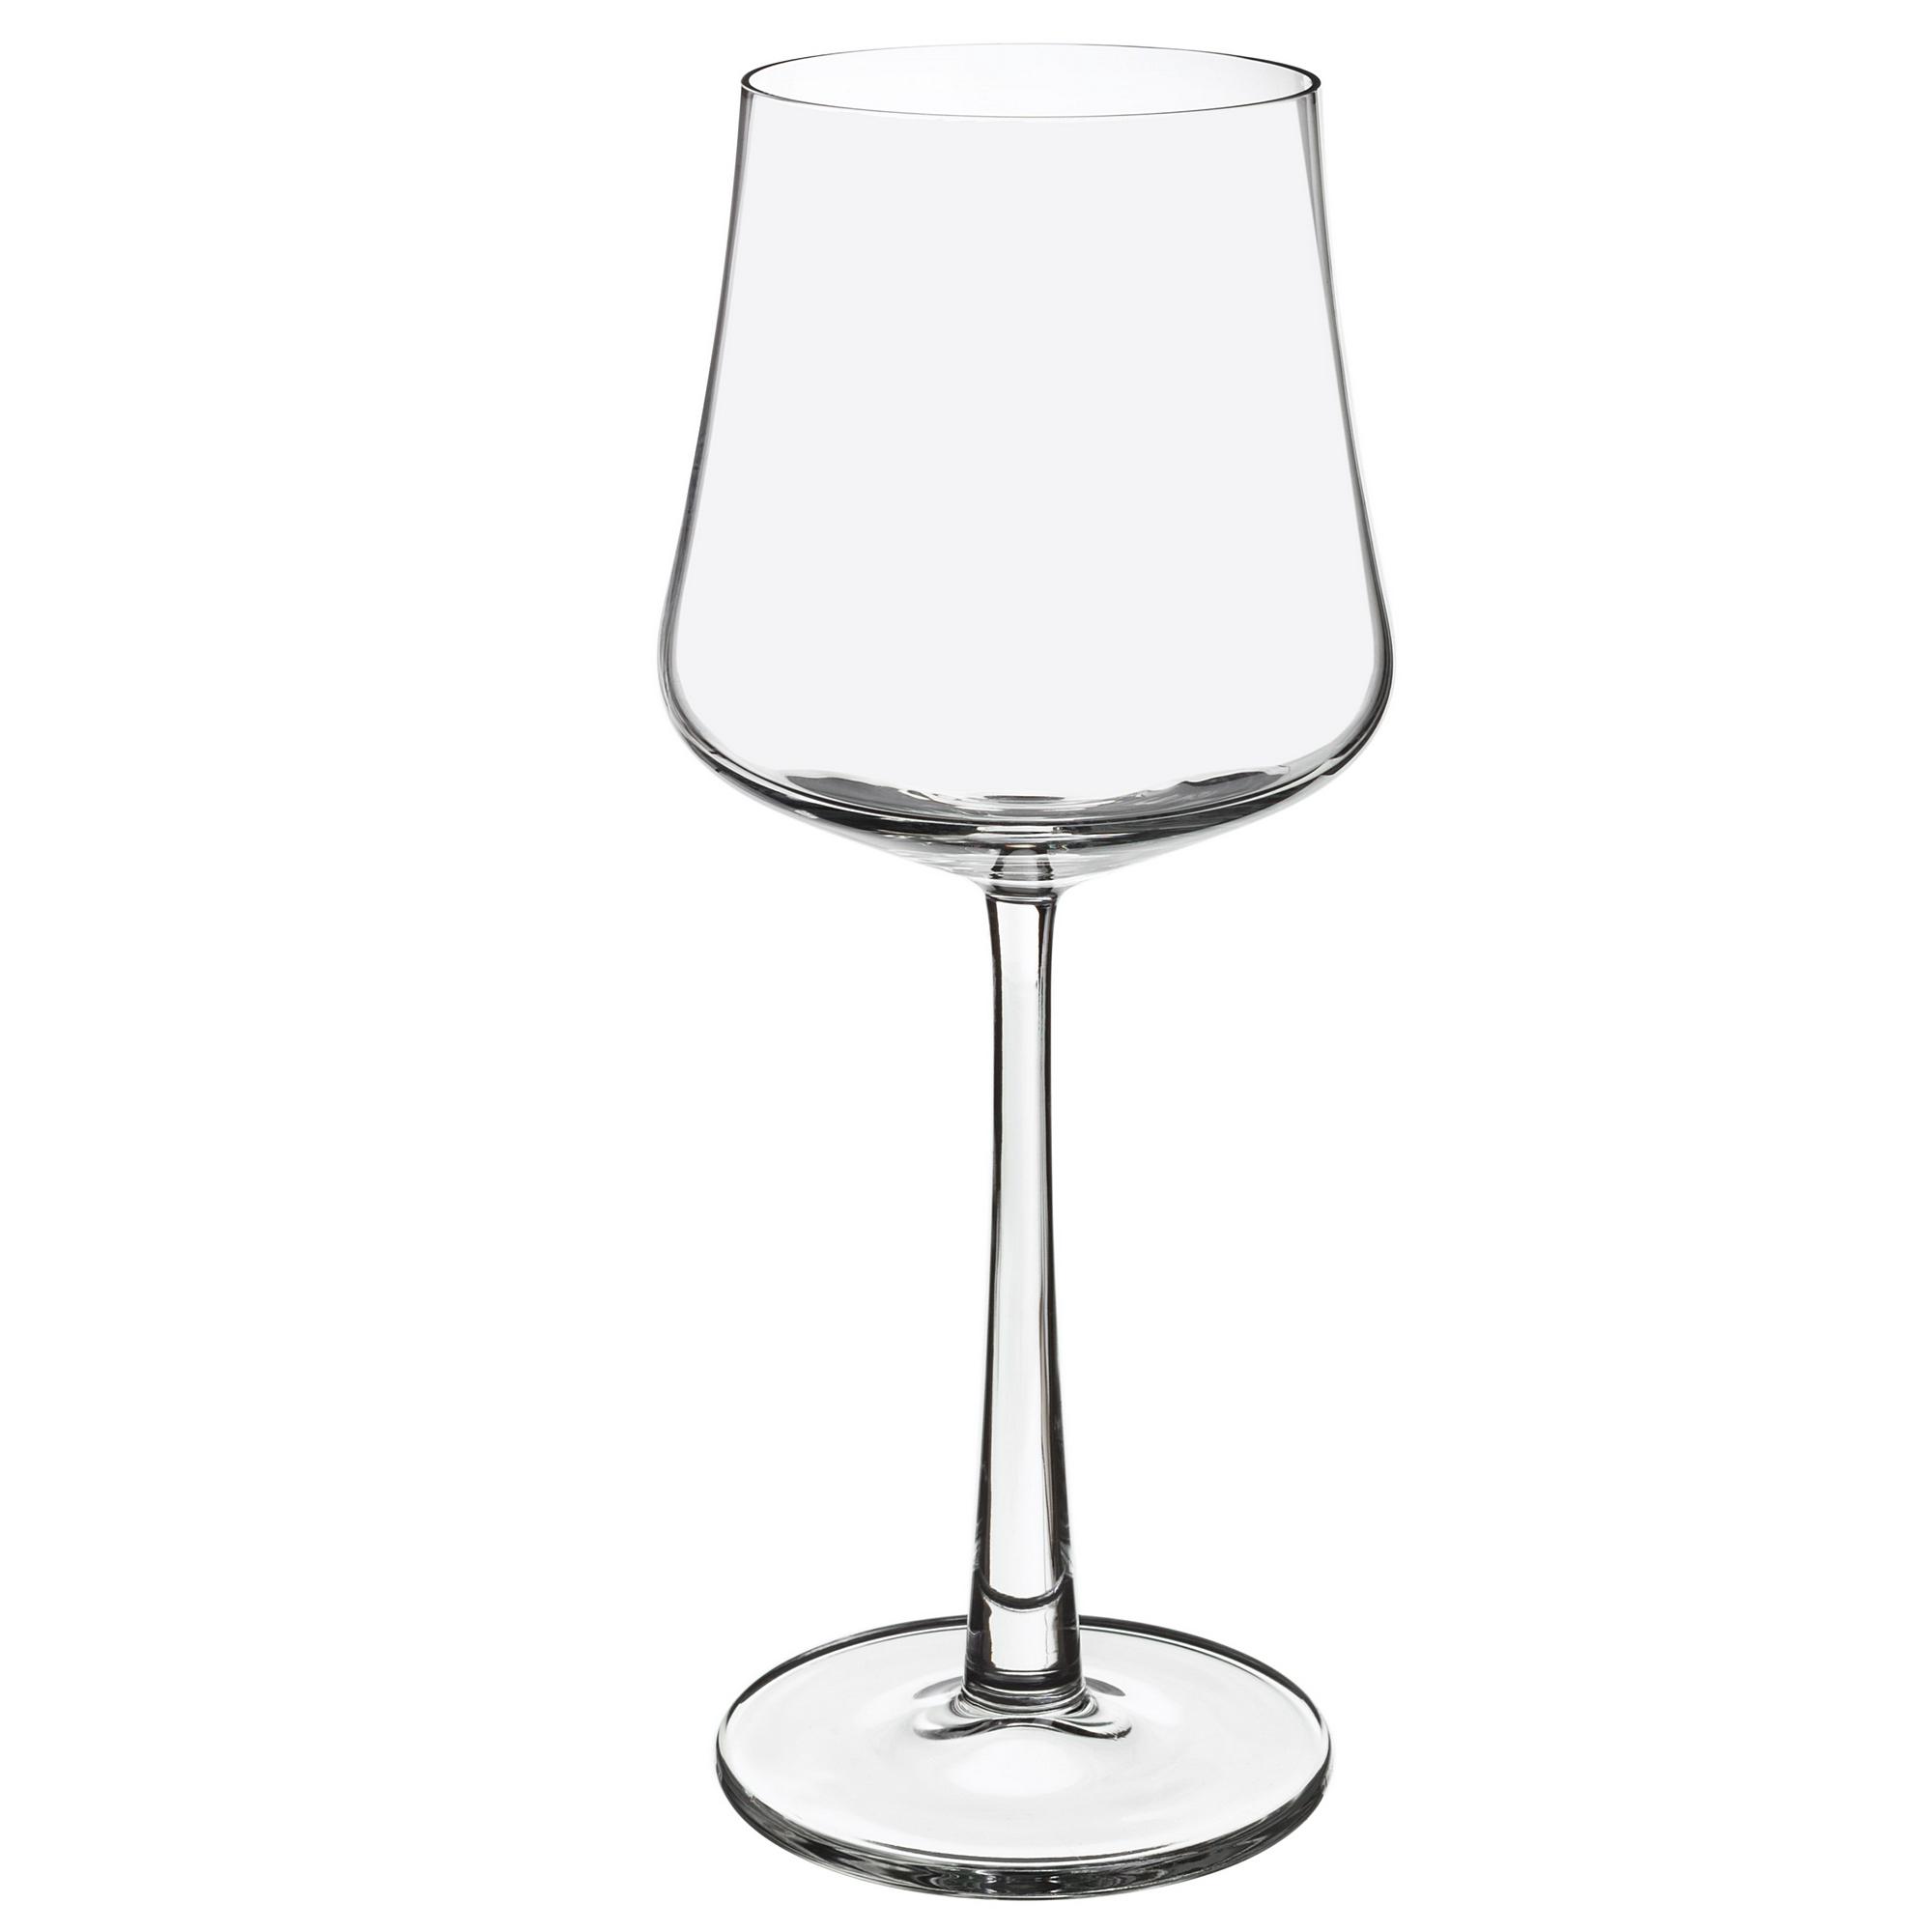 Купить Набор бокалов для белого вина 4шт 290мл Royal leerdam novum 383522, Нидерланды, стекло